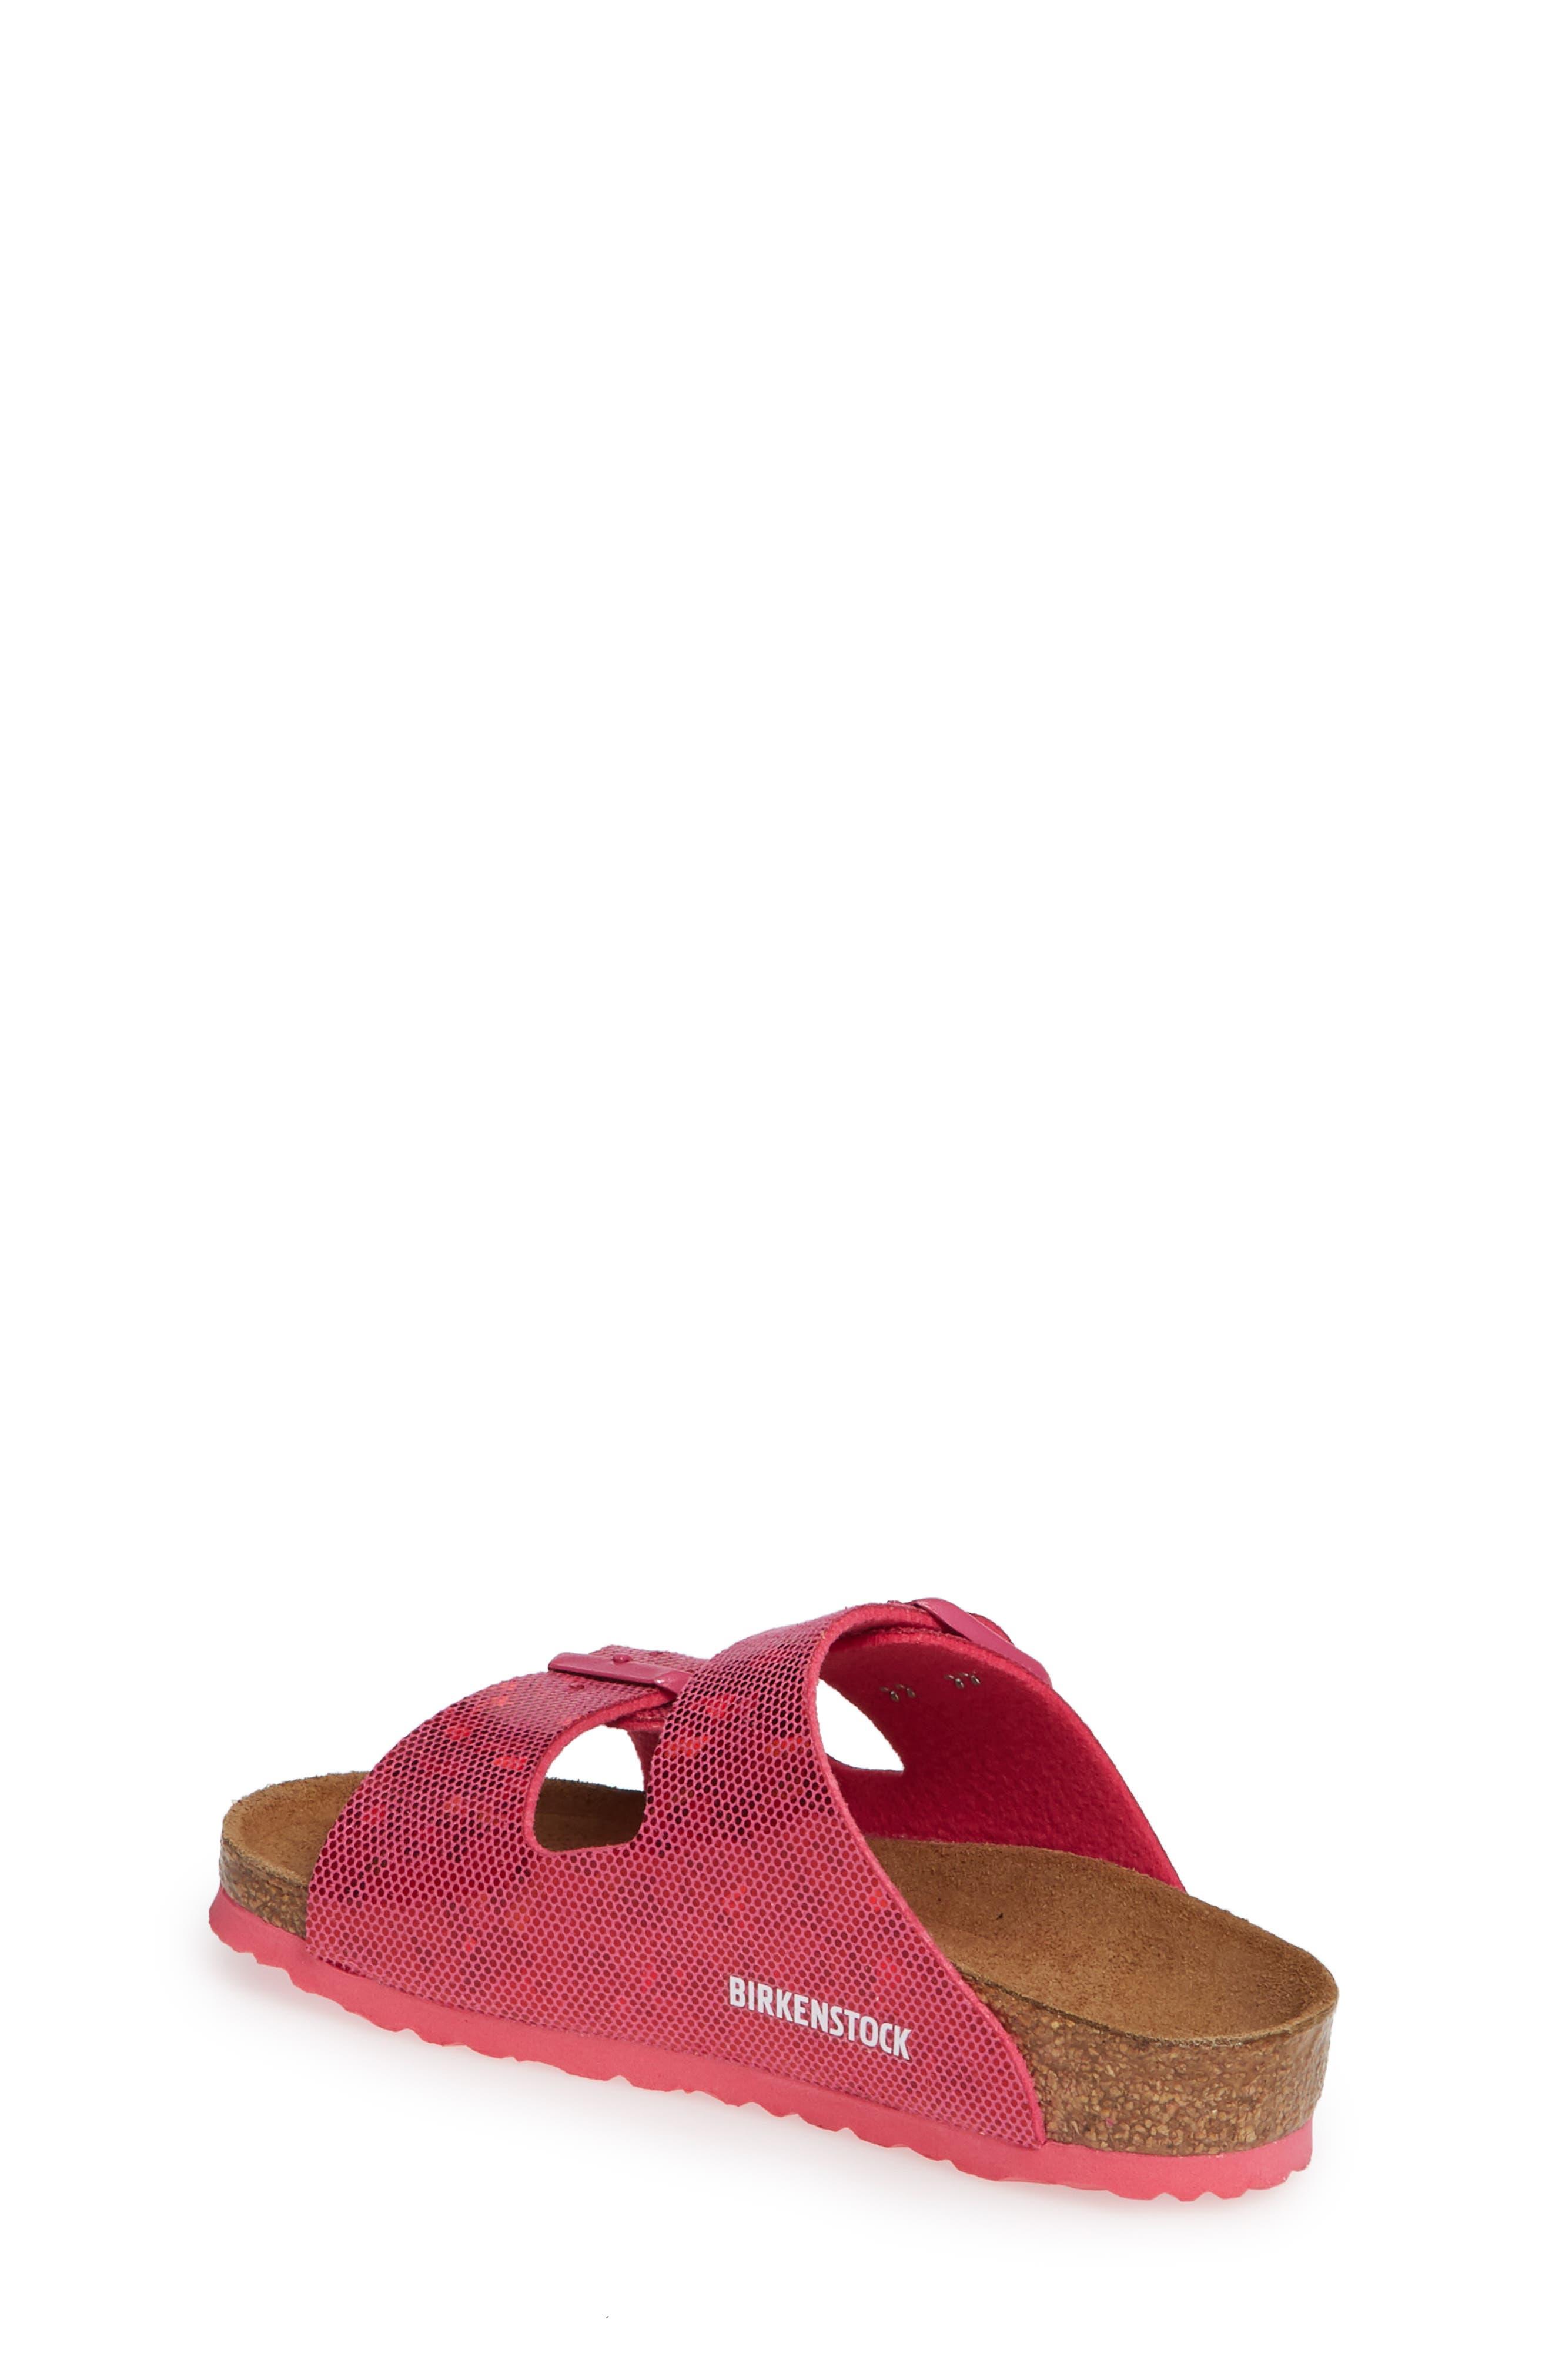 Toddler Birkenstock Shoes Sizes 7 5 12 Nordstrom